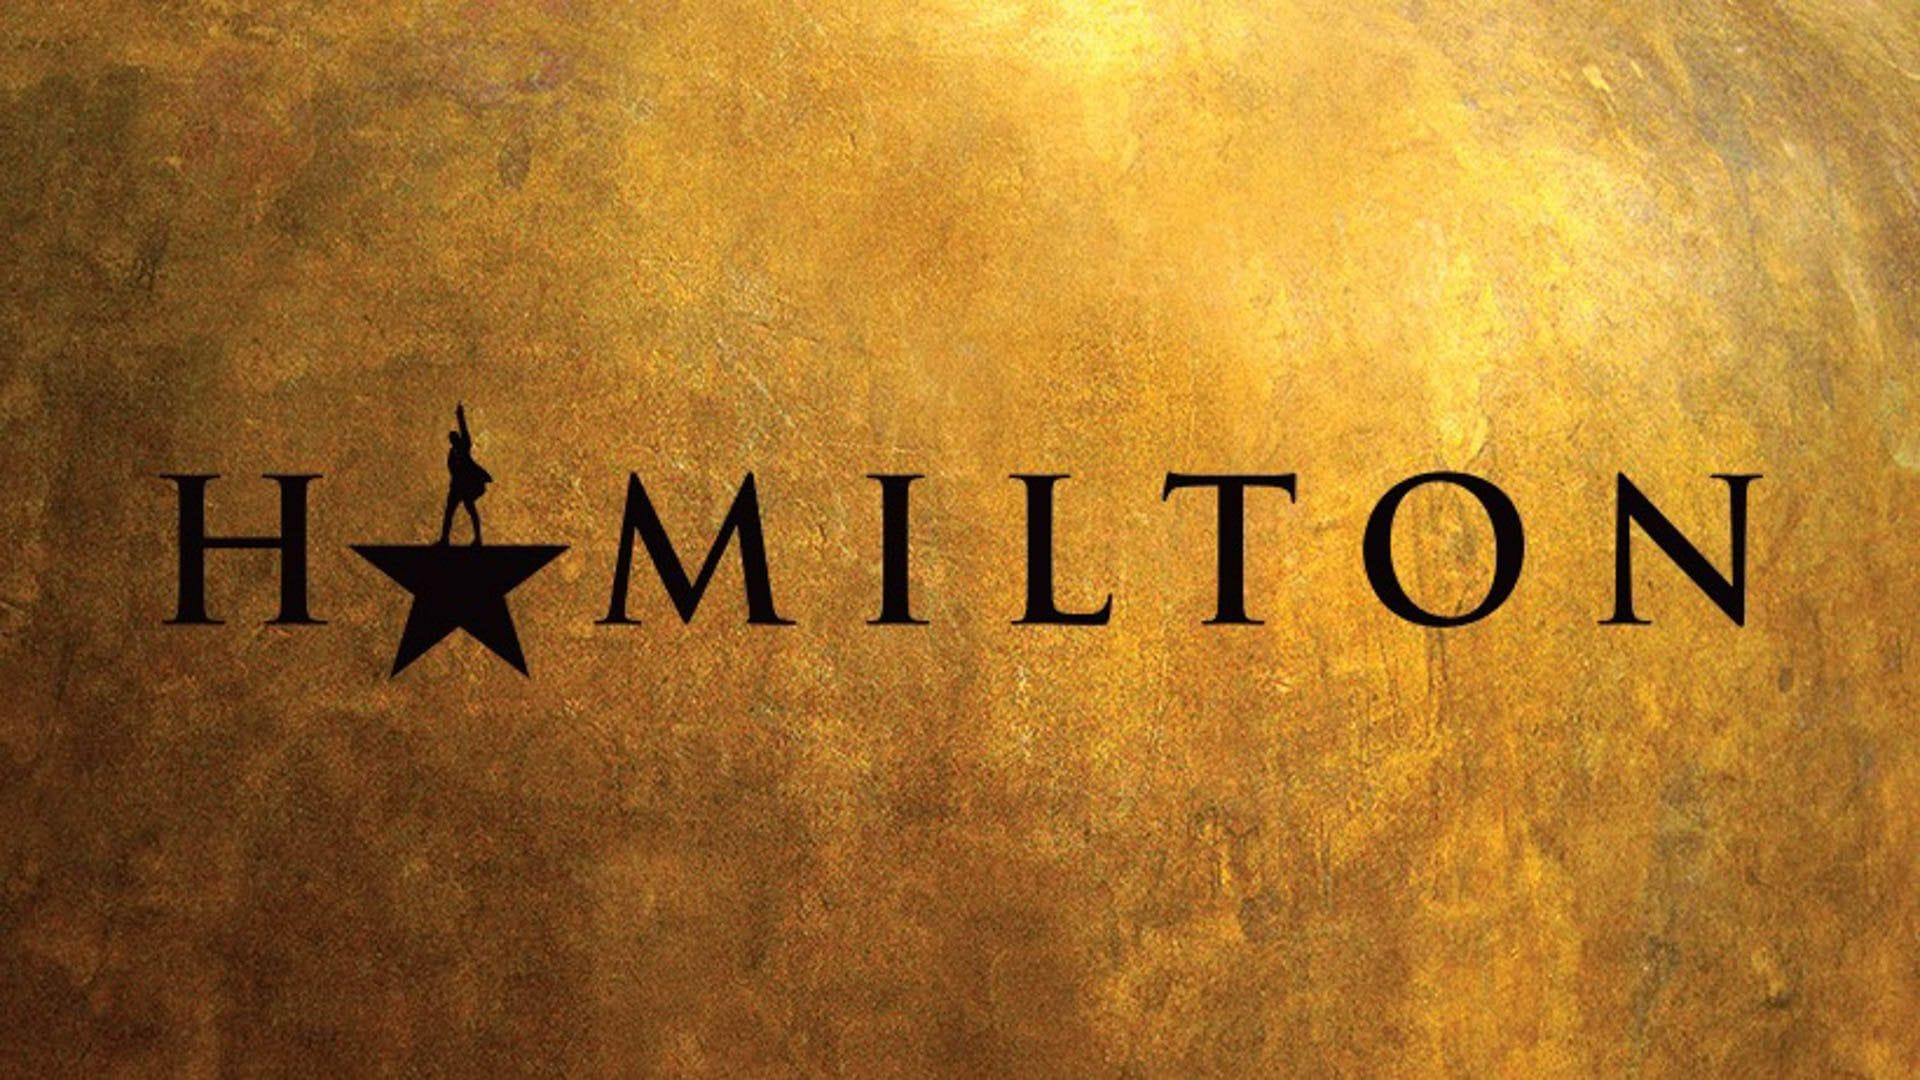 Hamilton Rivalry Redemption